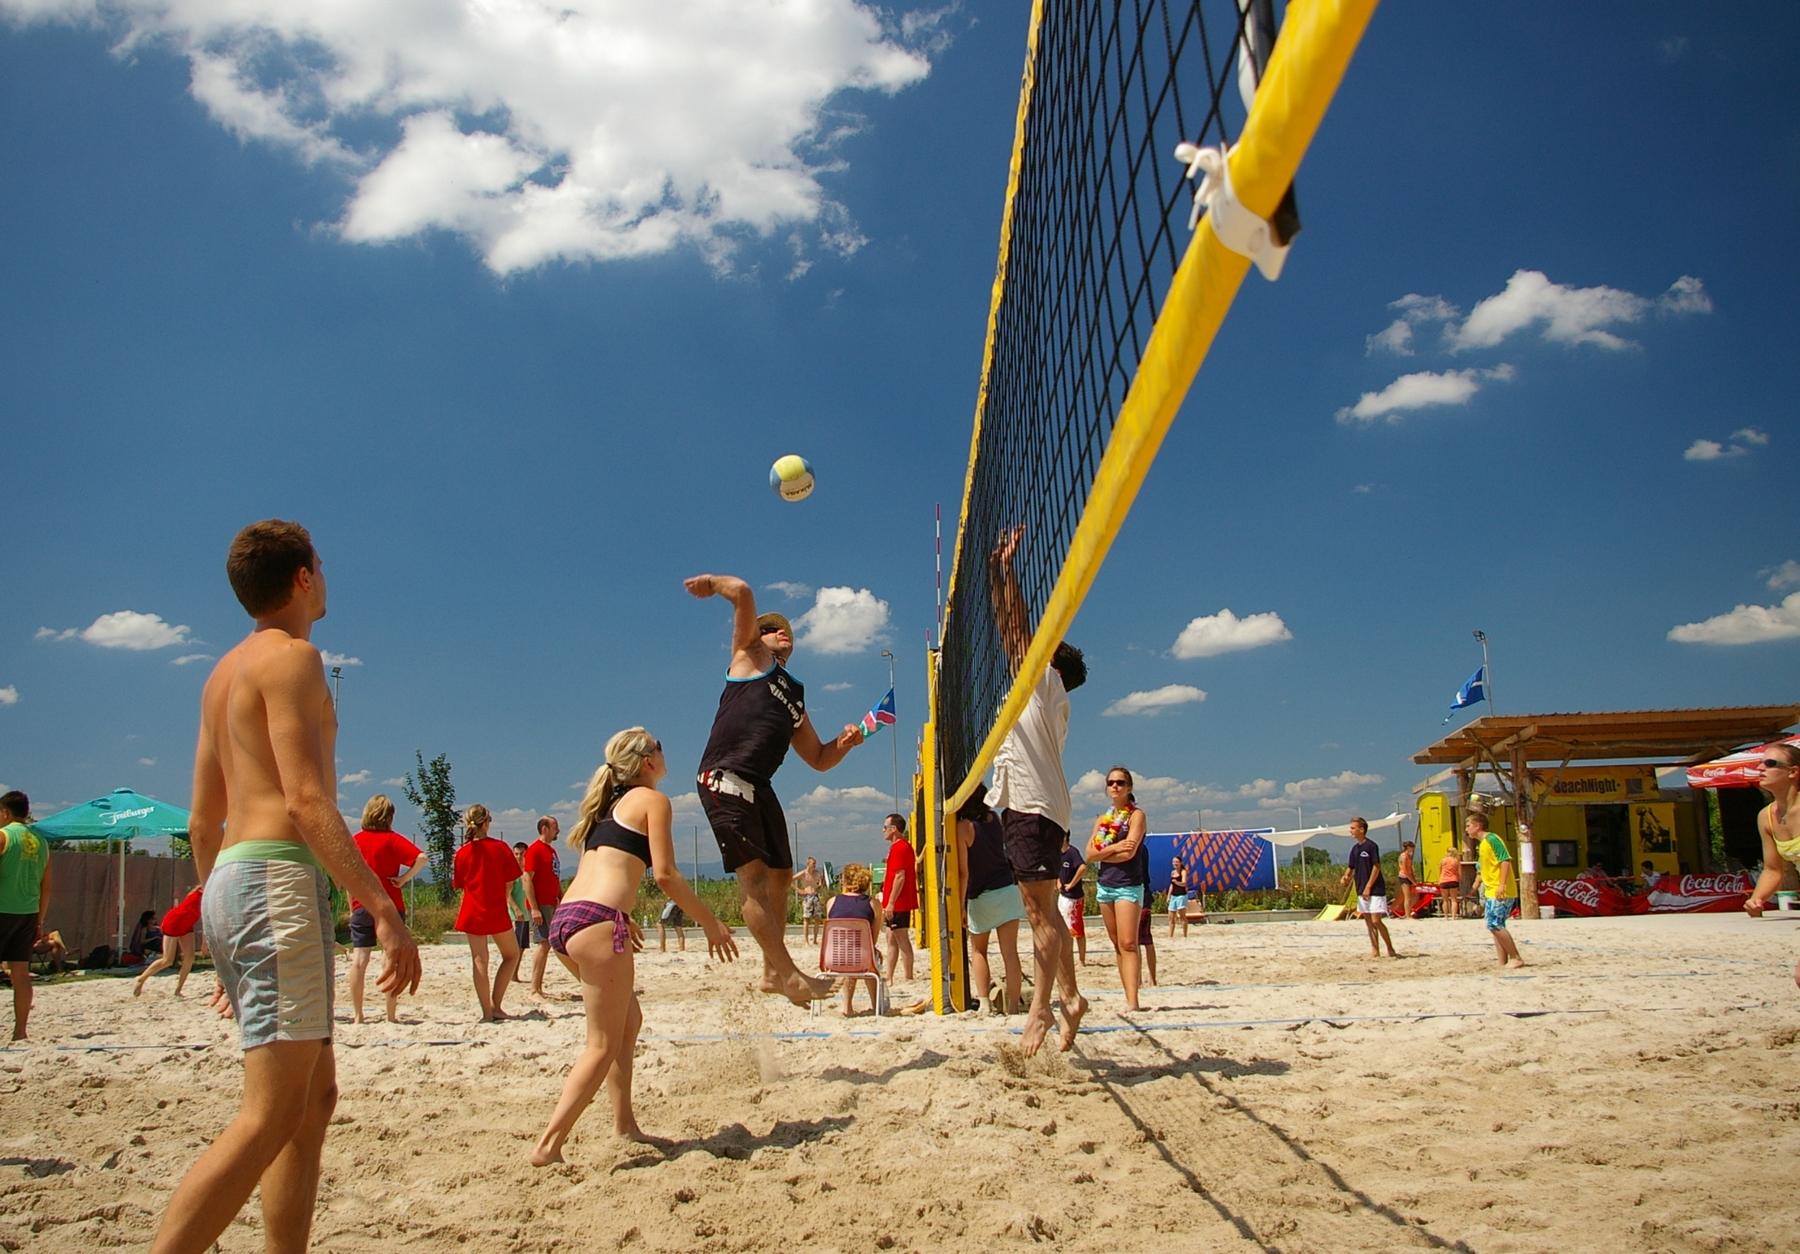 activité-team-building-détente-entreprise-olympiades-été-plage-beach-soccer-volley-tennis-evenemente